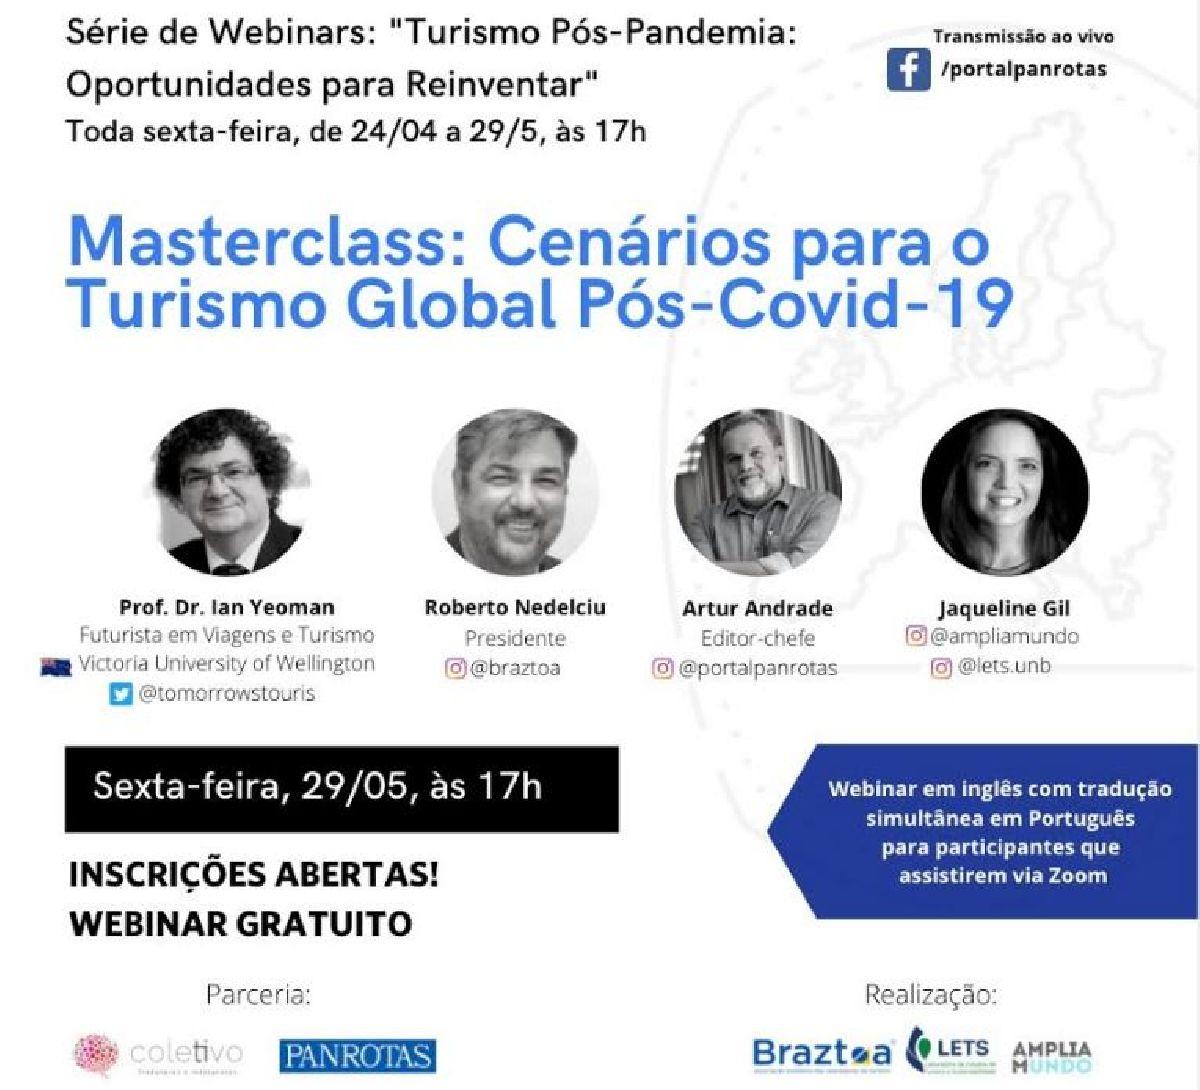 EM CENÁRIOS DE PROFUNDAS MUDANÇAS, FUTURO DO TURISMO GLOBAL É TEMA DE WEBINAR BRAZTOA NESTA SEXTA-FEIRA (29/5)